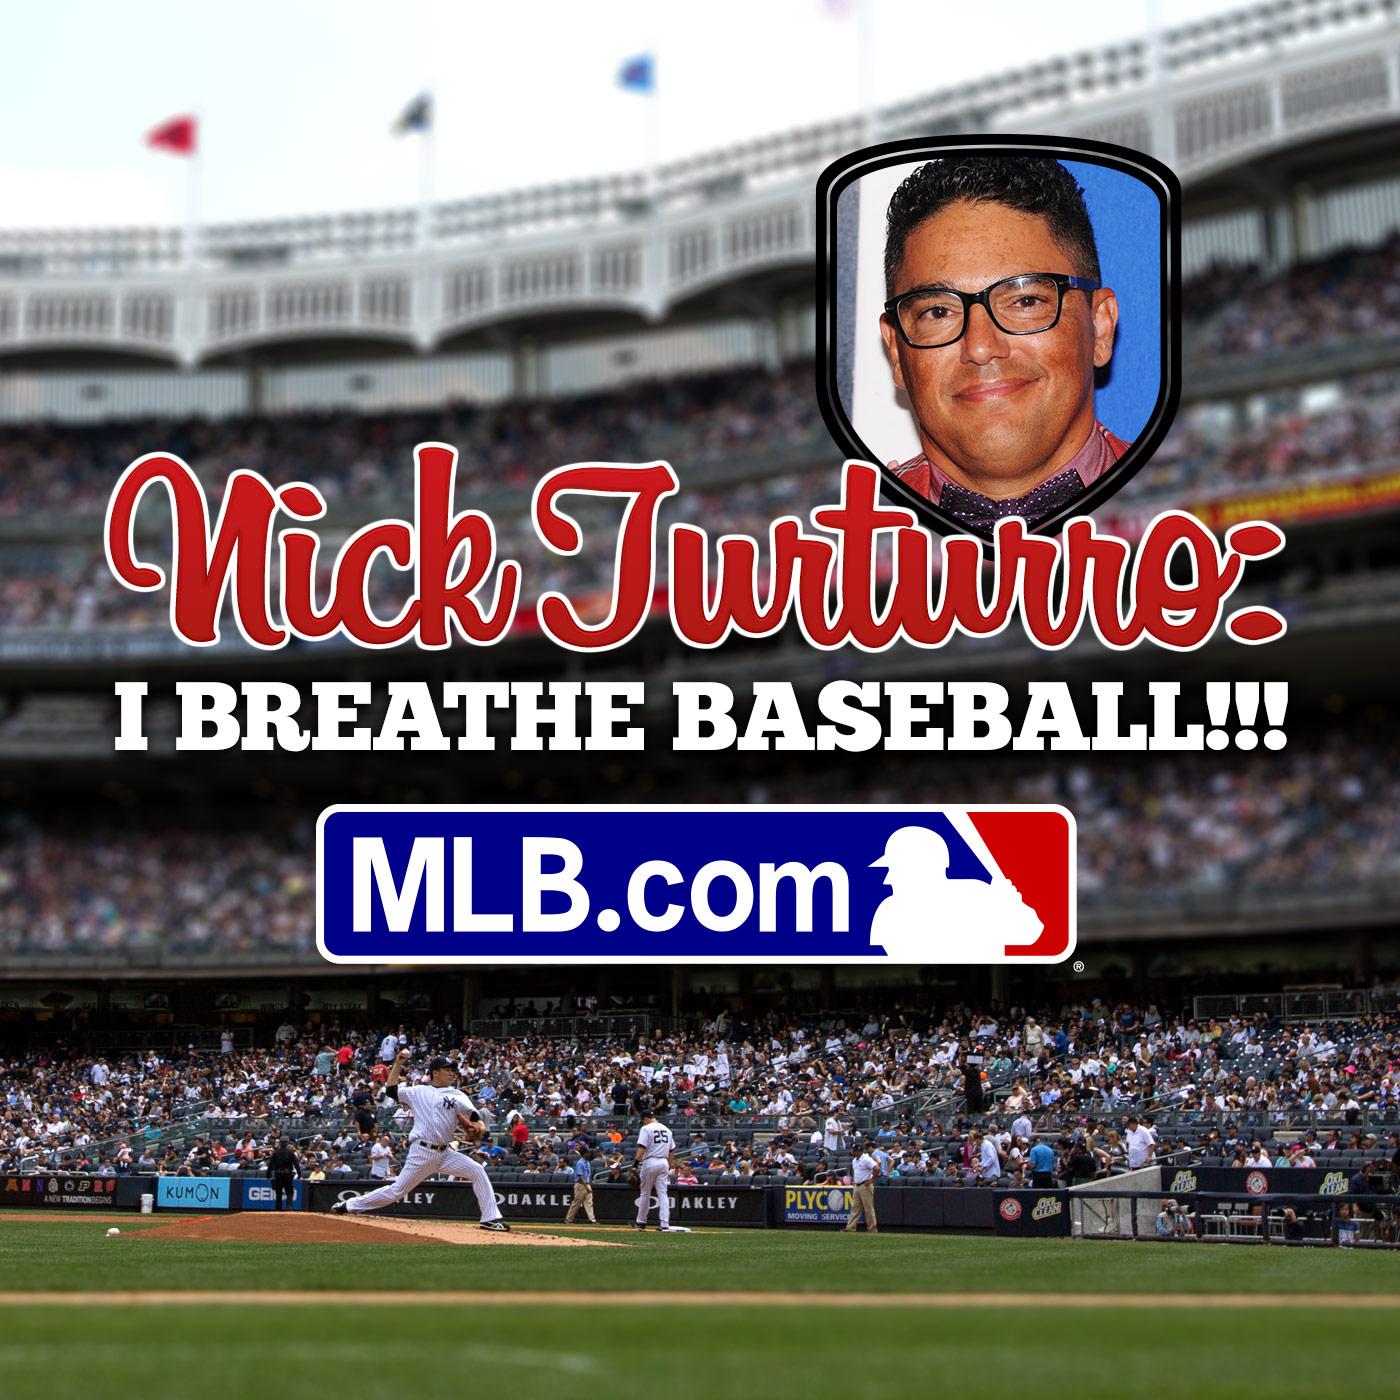 <![CDATA[Nick Turturro: I Breathe Baseball!]]>